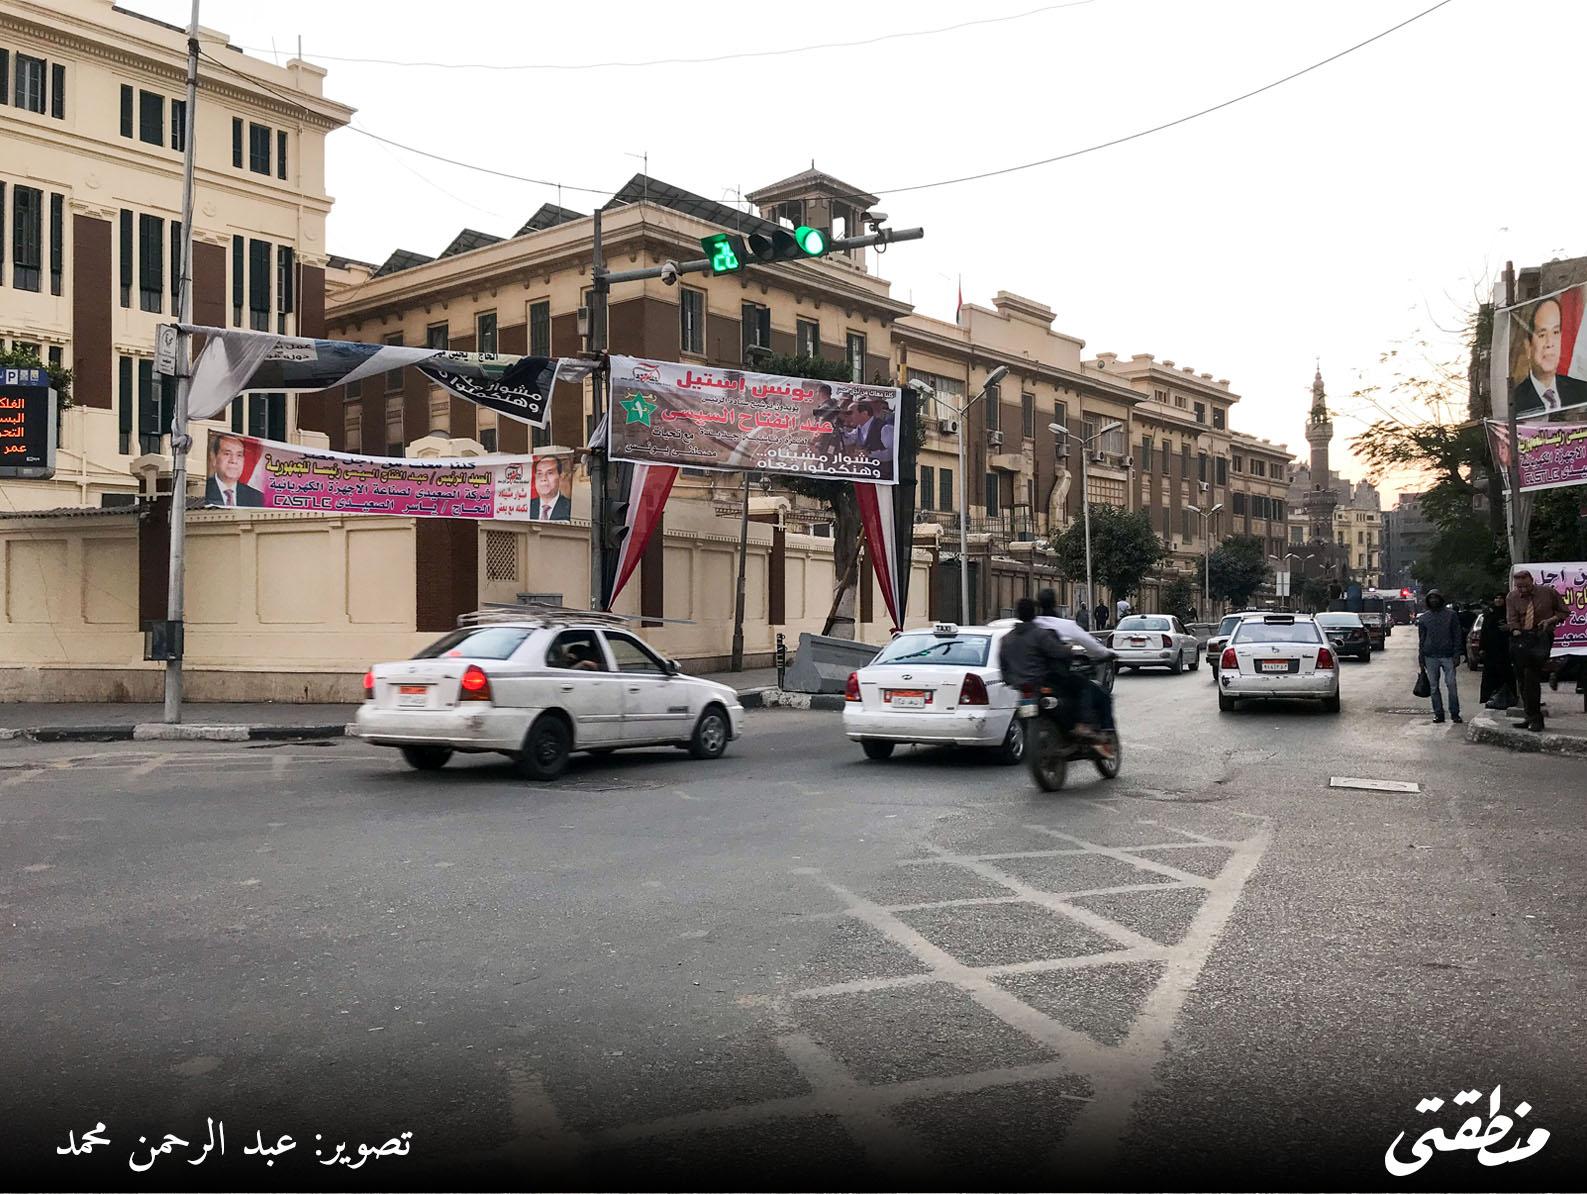 جانب من شارع حسن الأكبر - تصوير: عبد الرحمن محمد